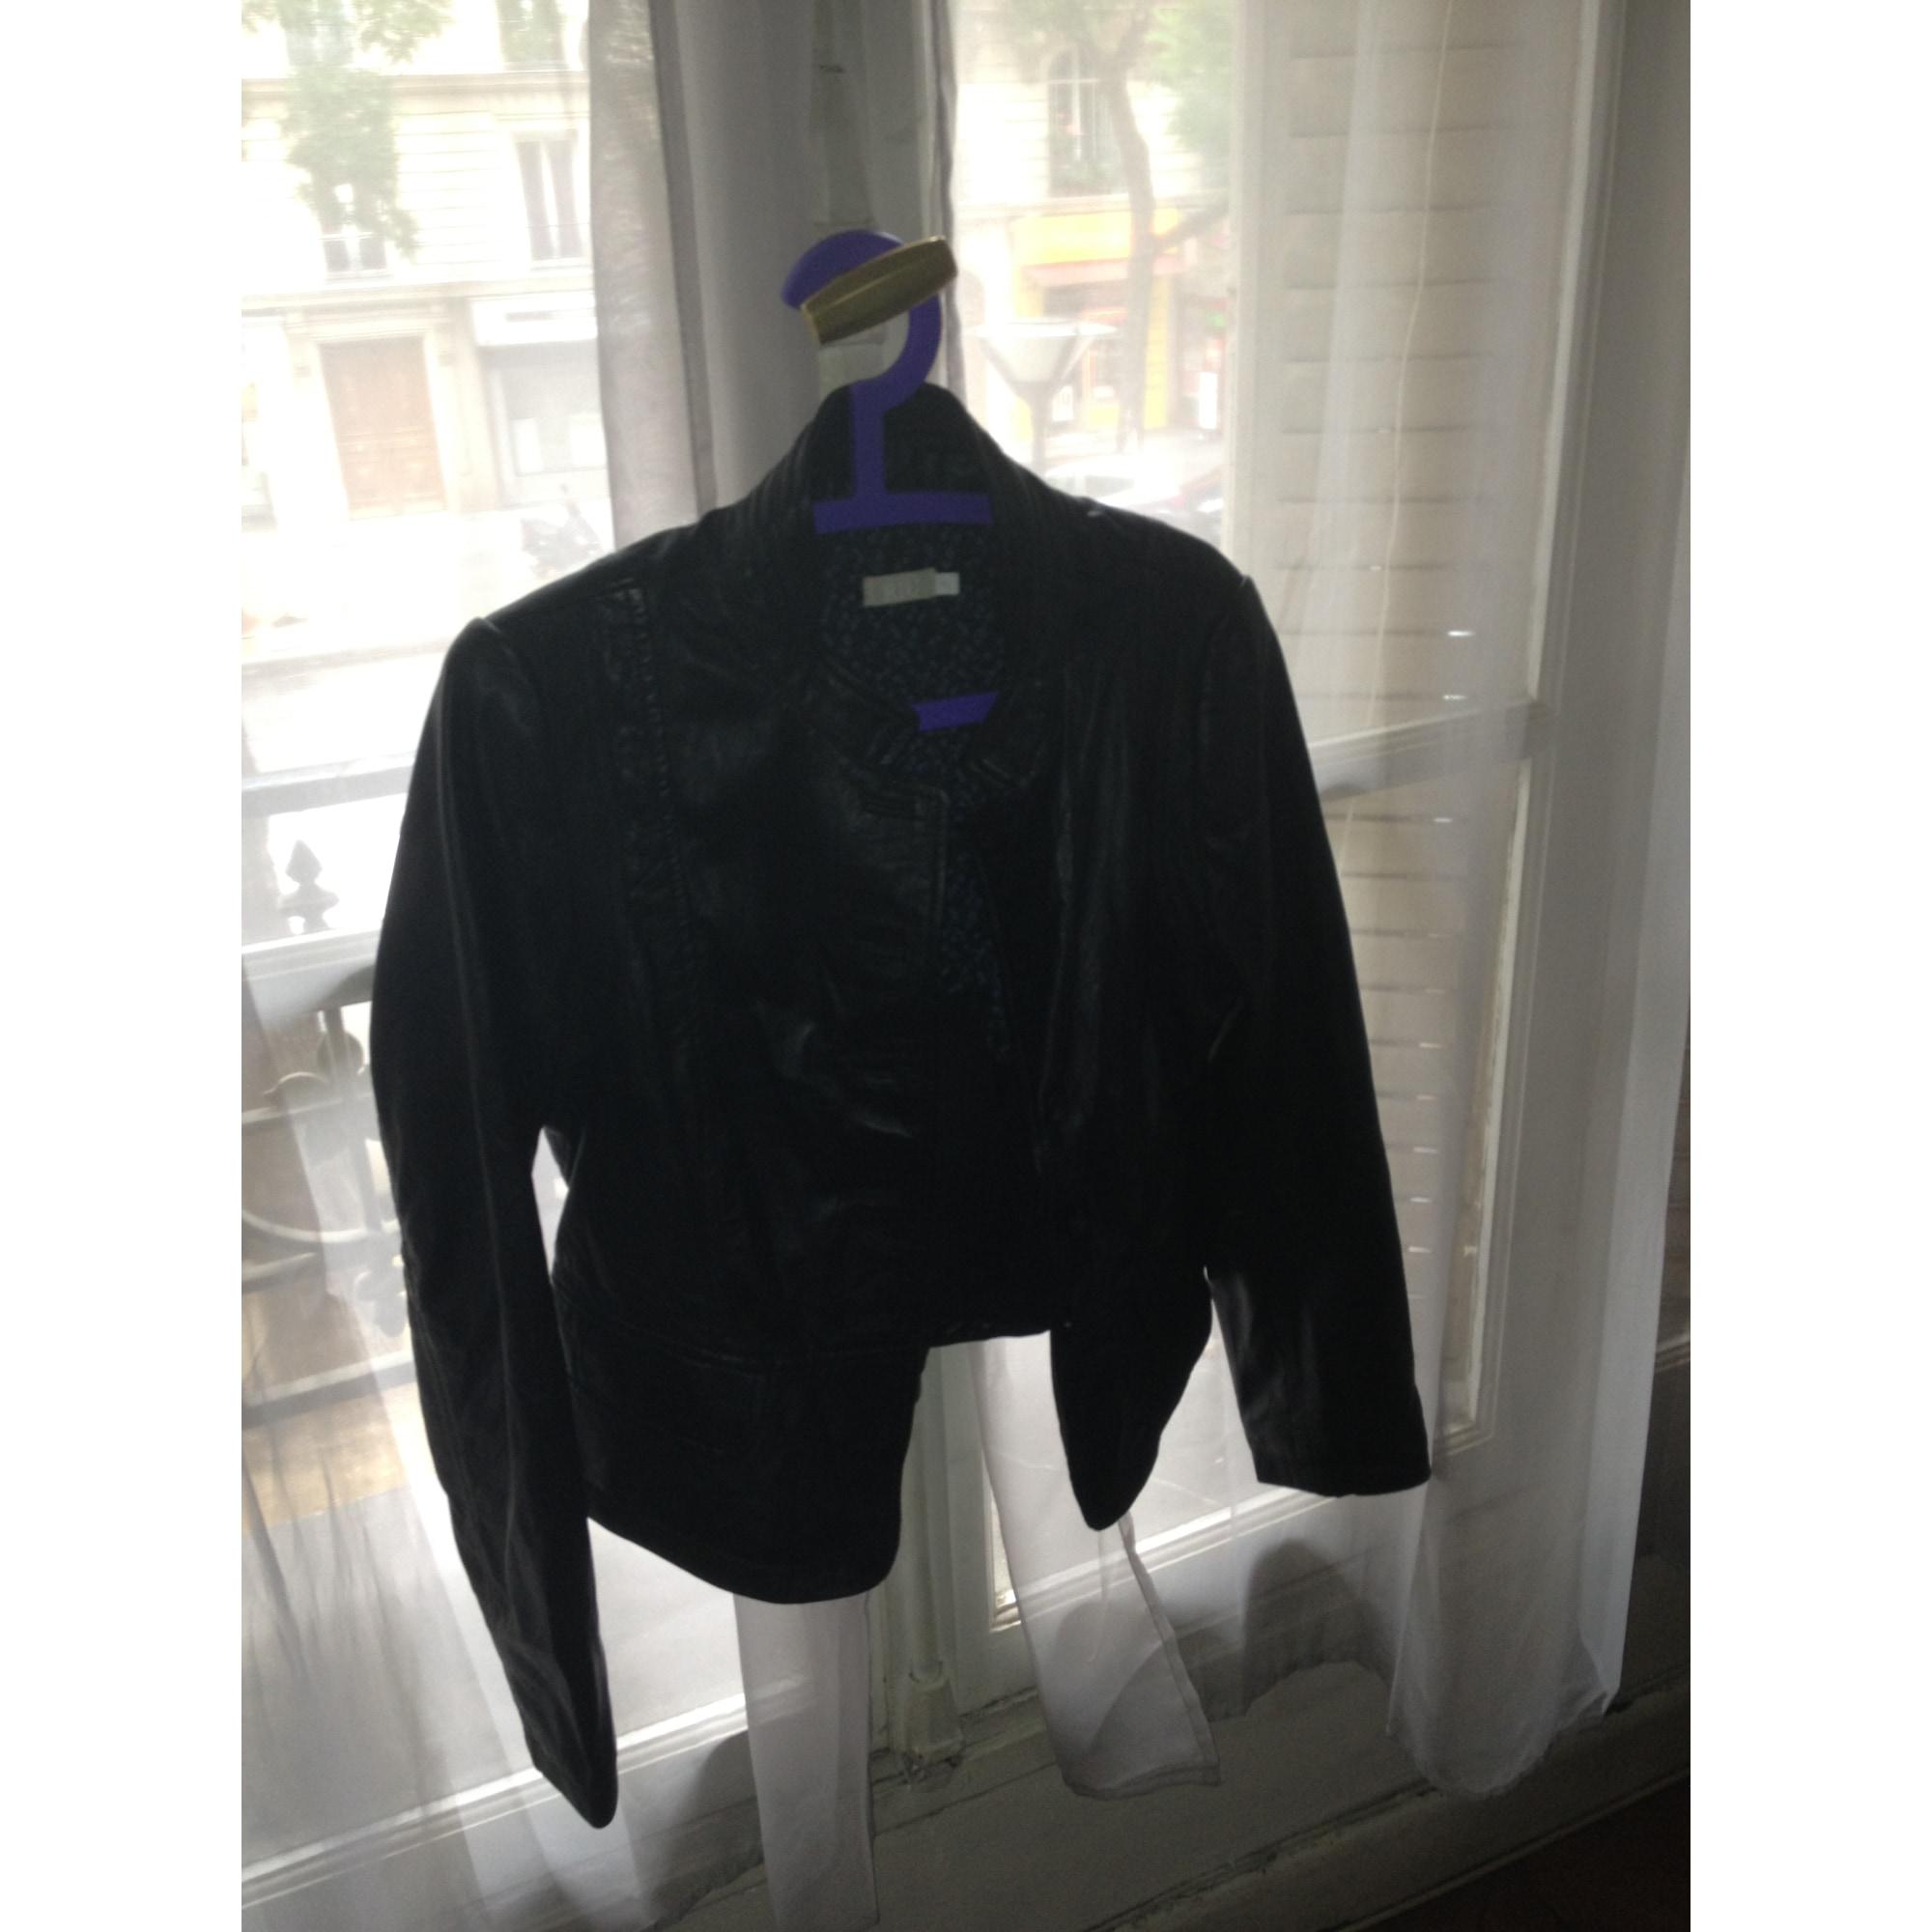 c7361d7e49ed Veste en cuir JACQUELINE RIU 42 (L XL, T4) noir vendu par Blondie28 ...